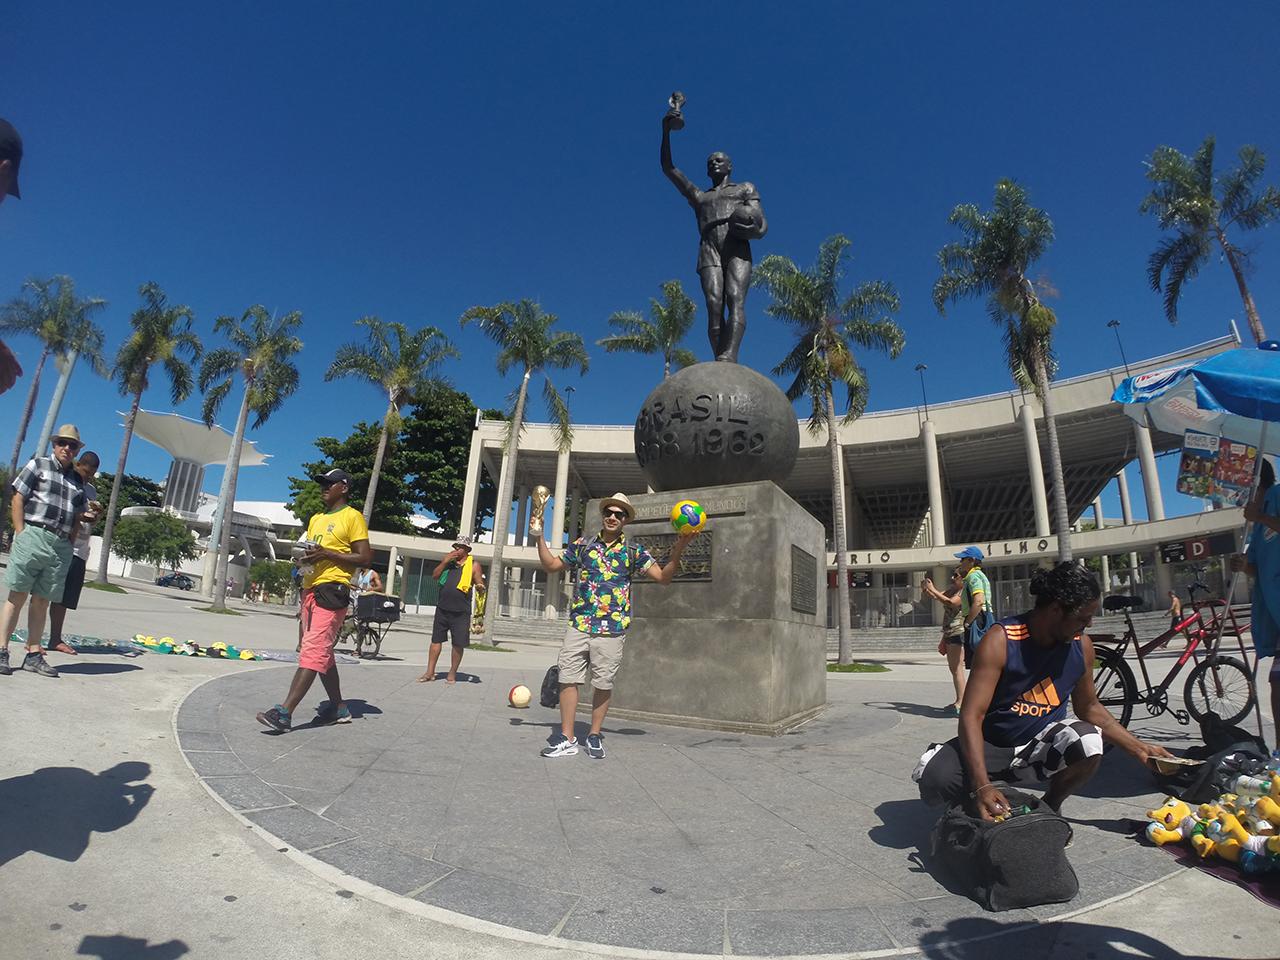 Foto en la entrada de MAracanã durante o City tour Cristo Redentor